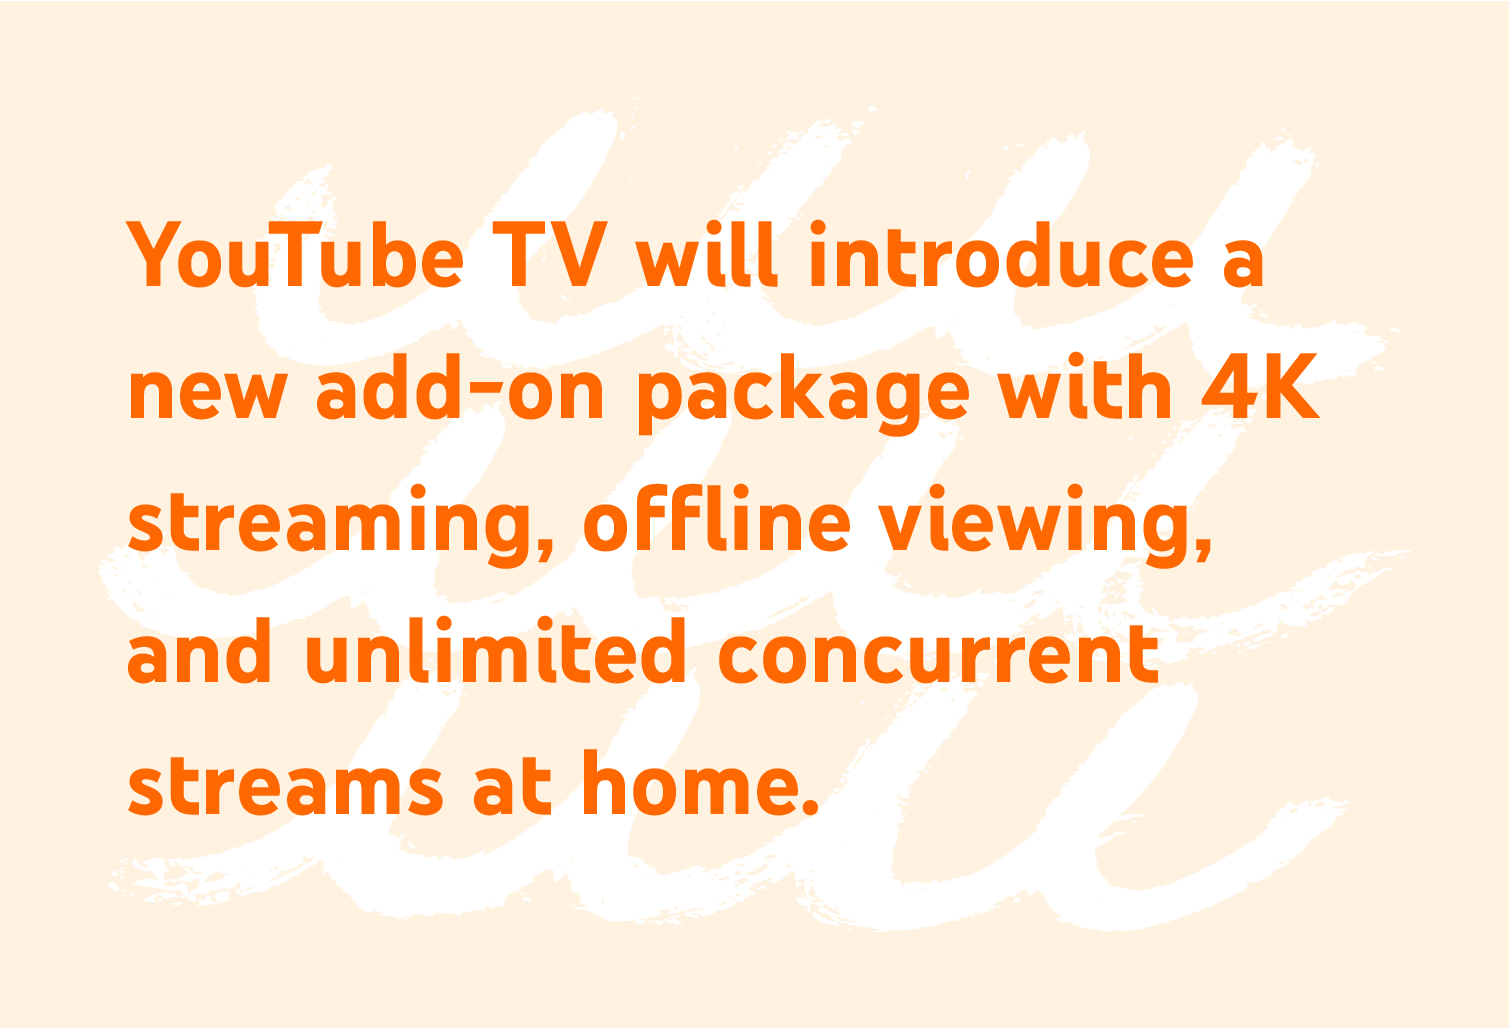 Für YouTube TV wird es demnächst ein Add-on-Paket mit 4K-Streaming, Offlinewiedergabe und unbegrenzten gleichzeitigen Streams für zu Hause geben.